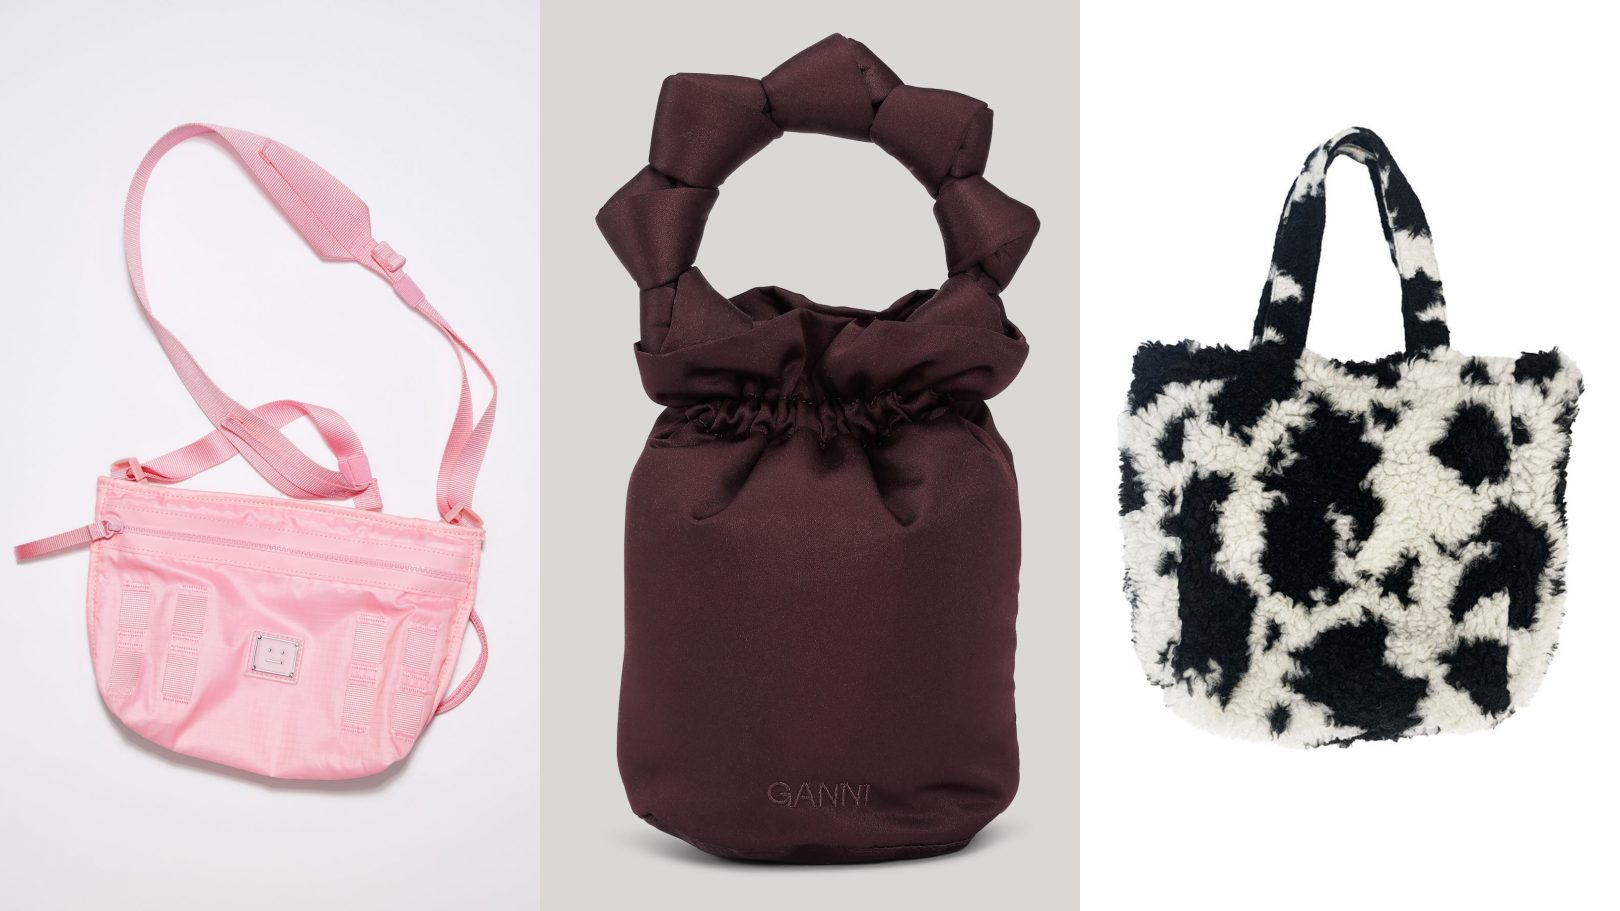 Handbags Under $250